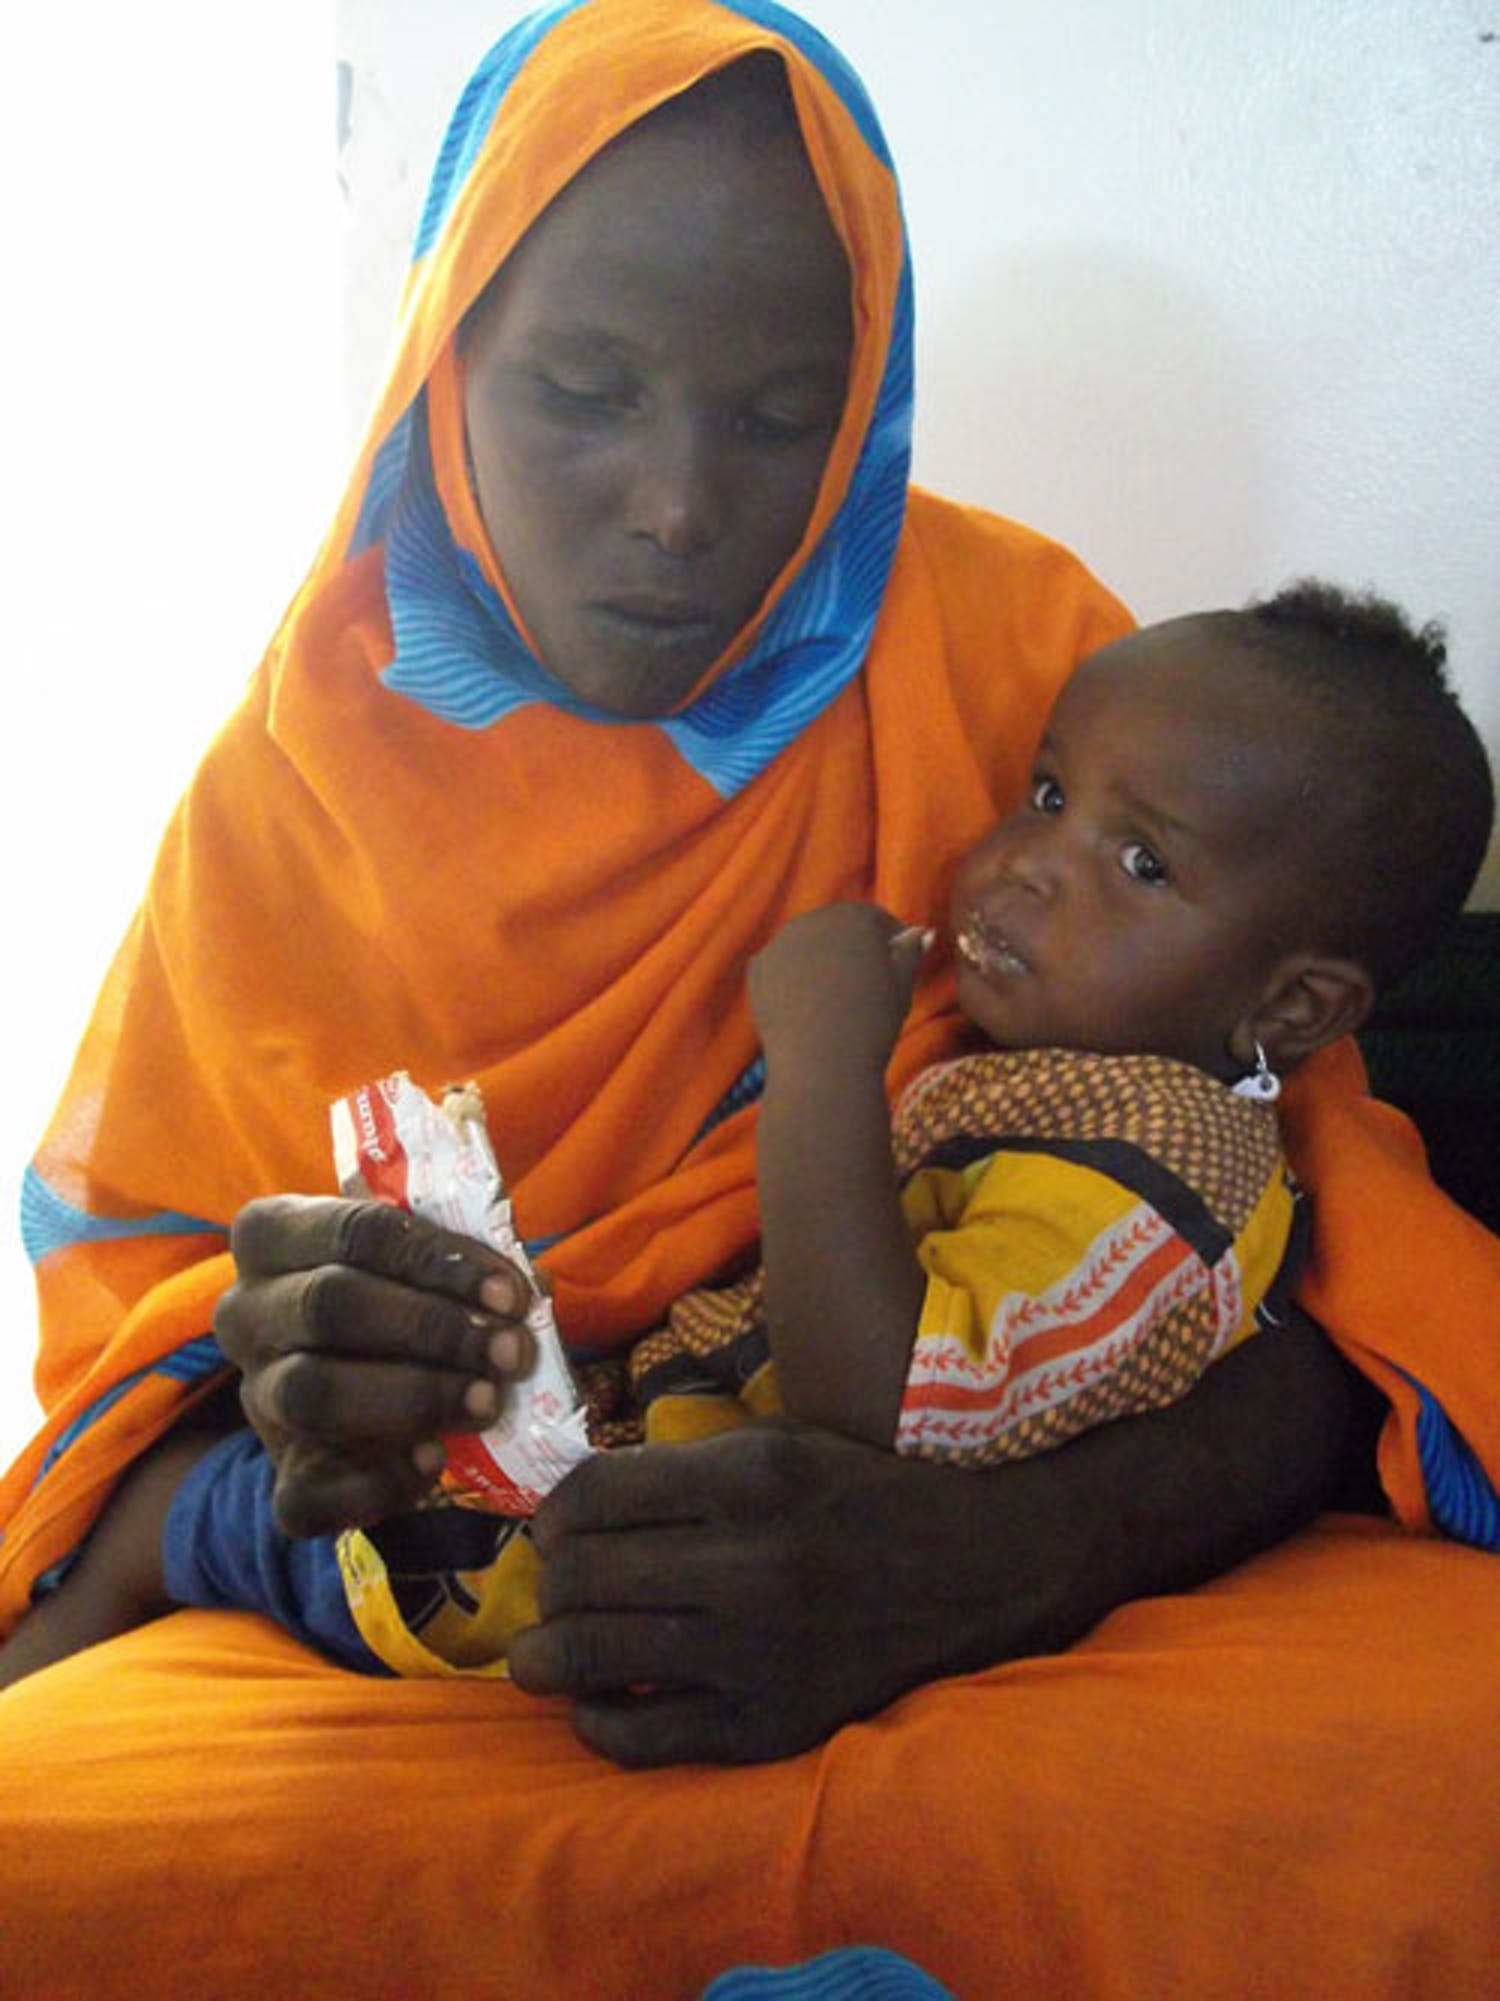 Questo bambino, in braccio alla mamma, mangia il Plumpynut, alimento terapeutico pronto per l'uso. ©Saira Cutrone